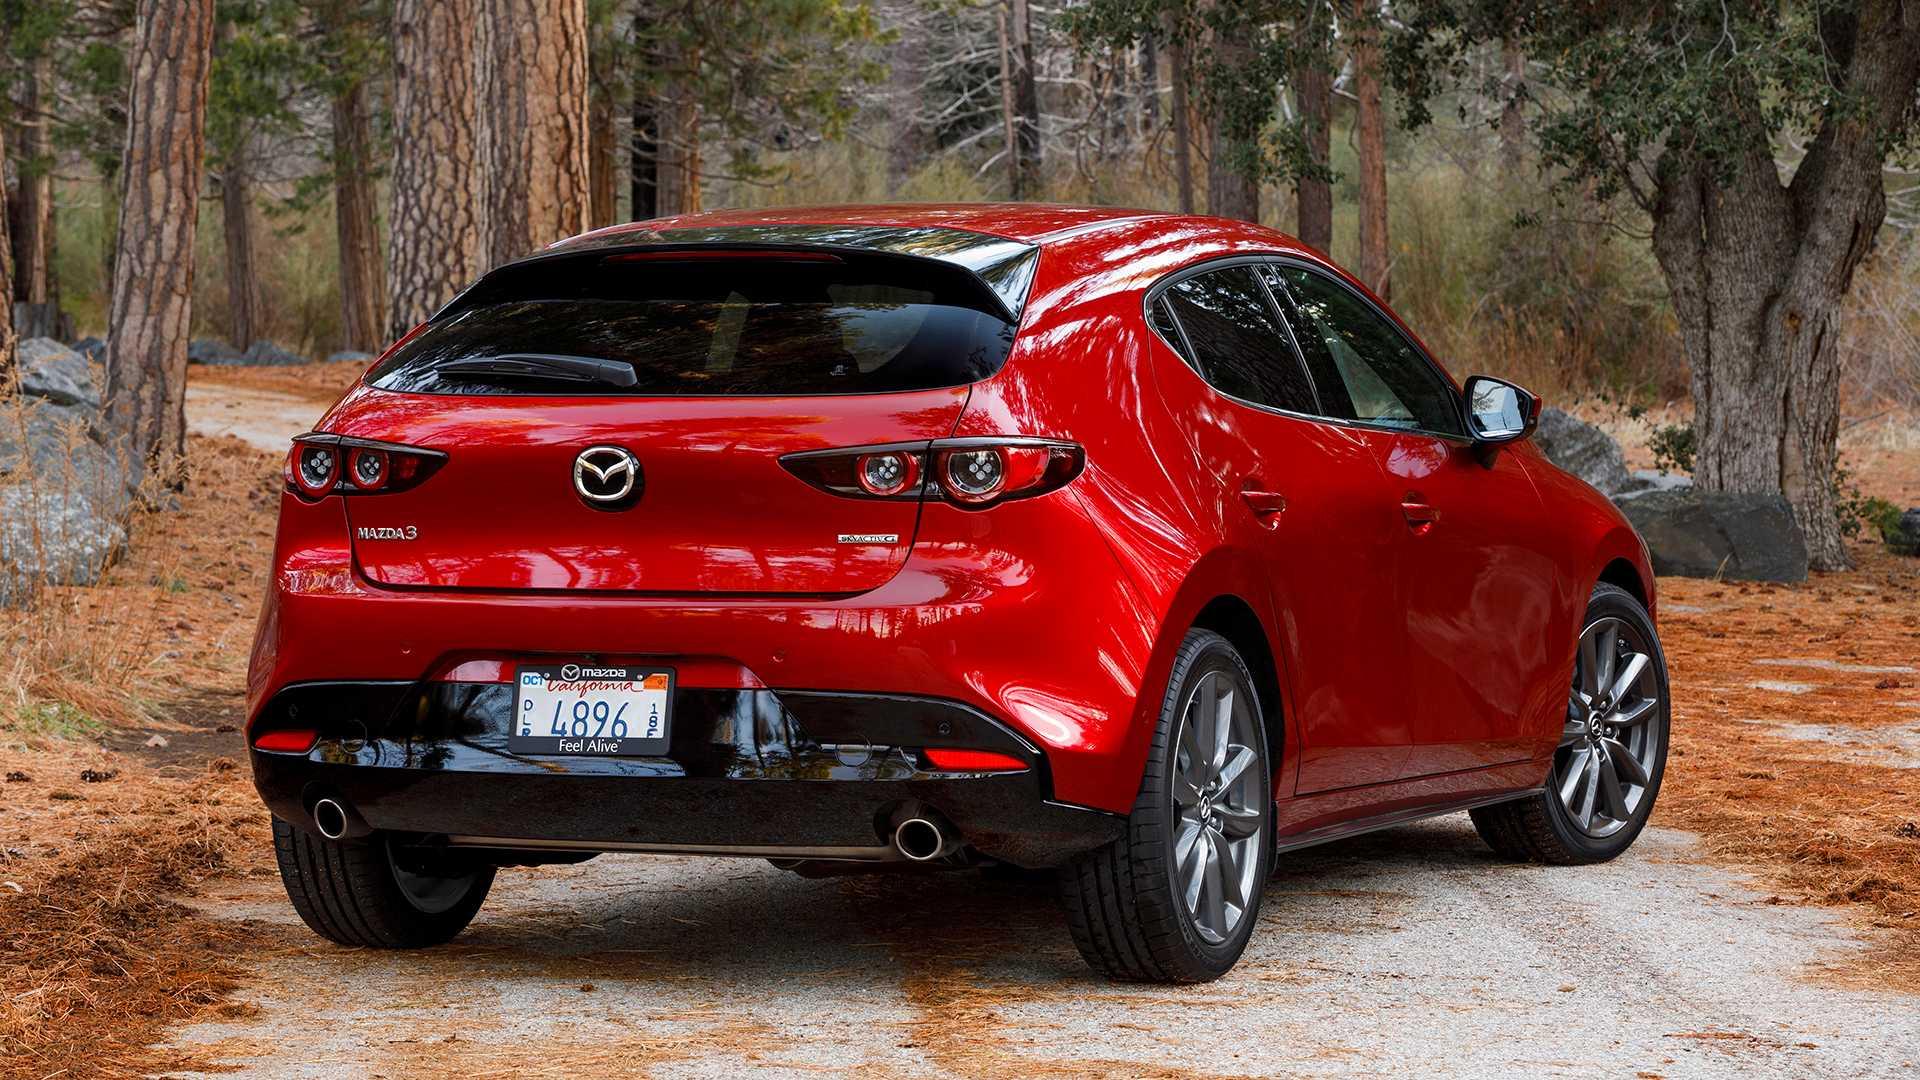 Migliori auto sportive low cost Mazda 3 1